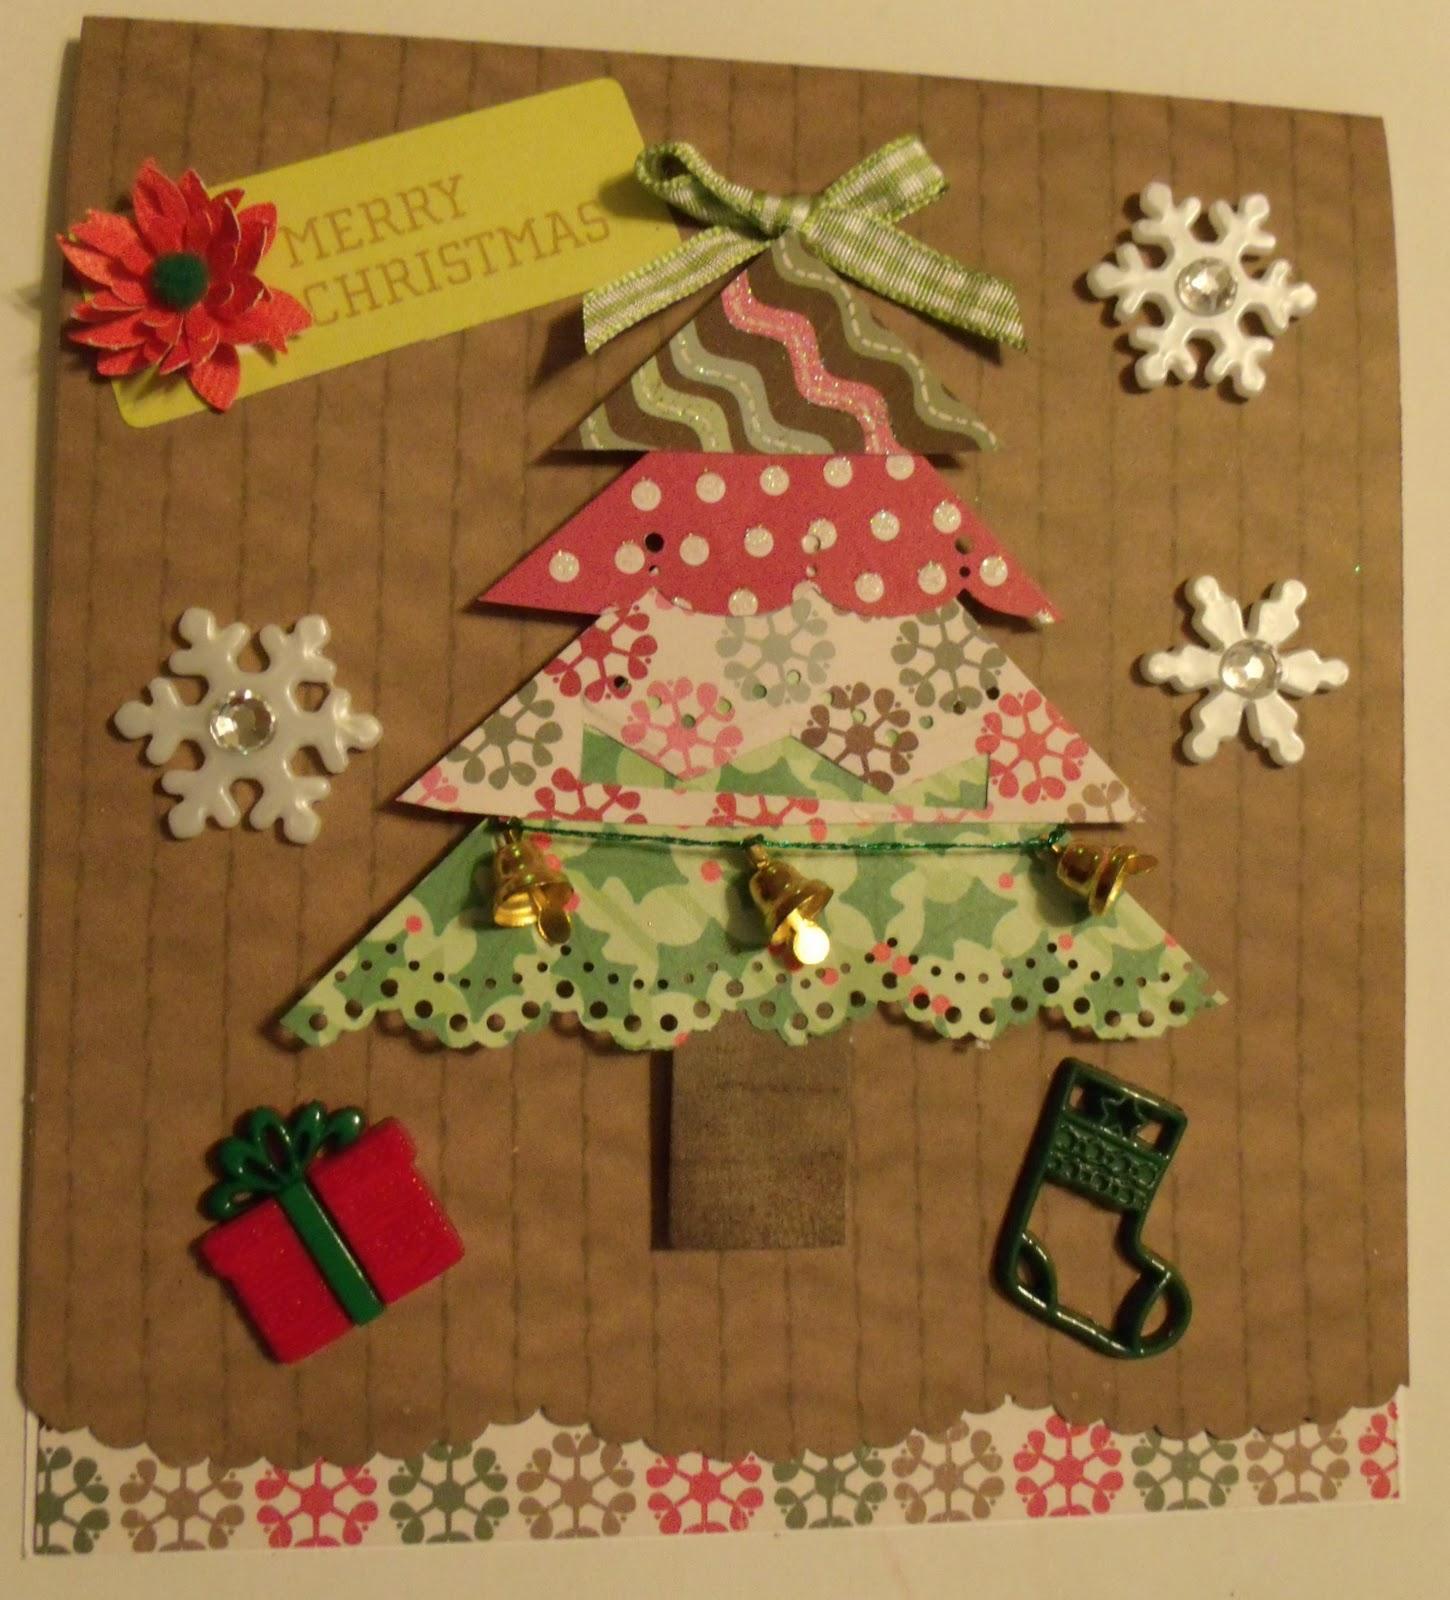 Sweet Lil Cricut: Christmas Cards